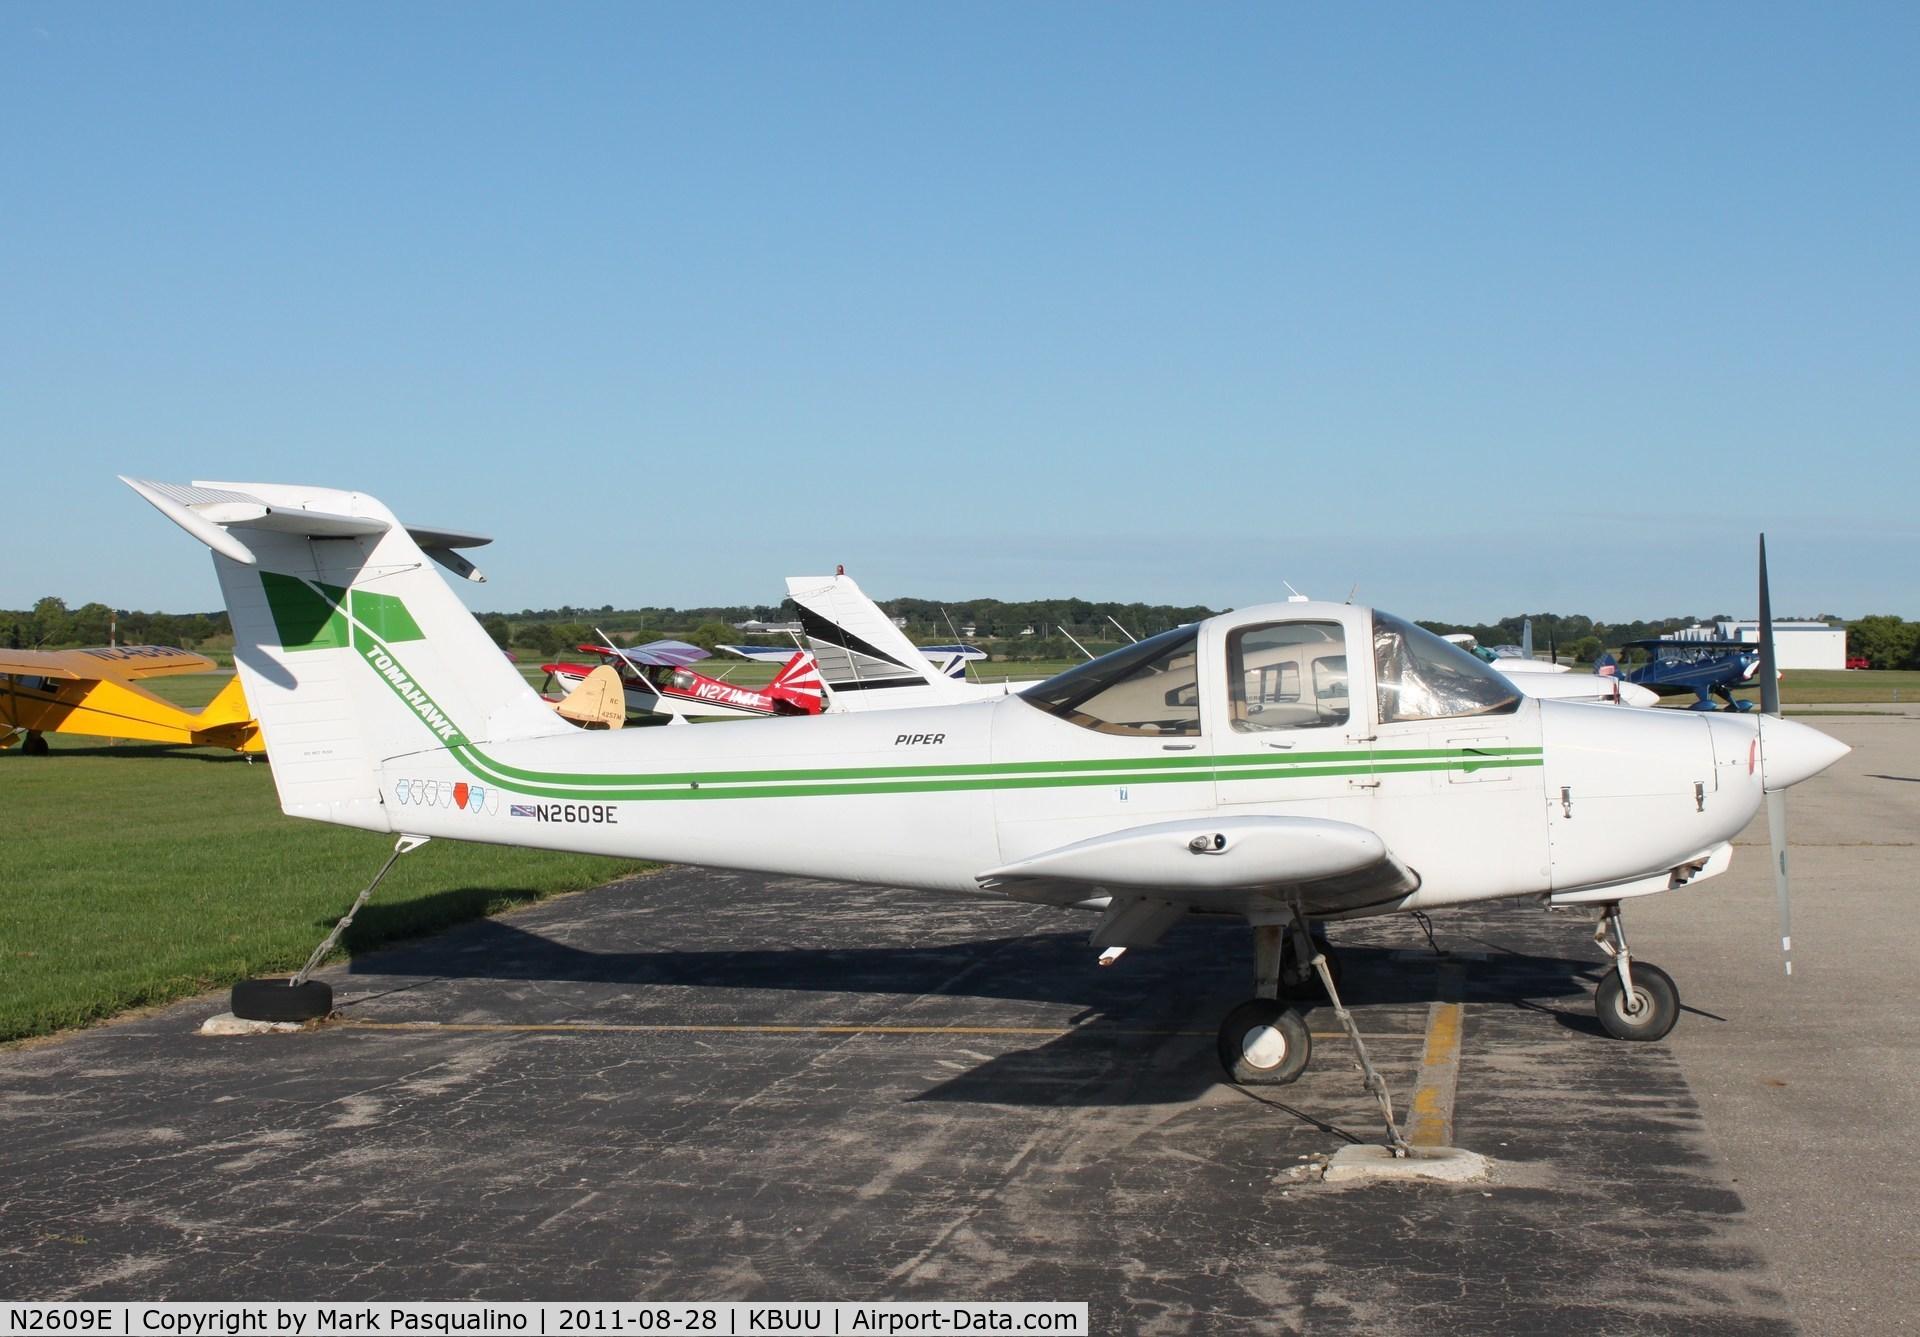 N2609E, 1978 Piper PA-38-112 C/N 38-78A0486, Piper PA-38-112